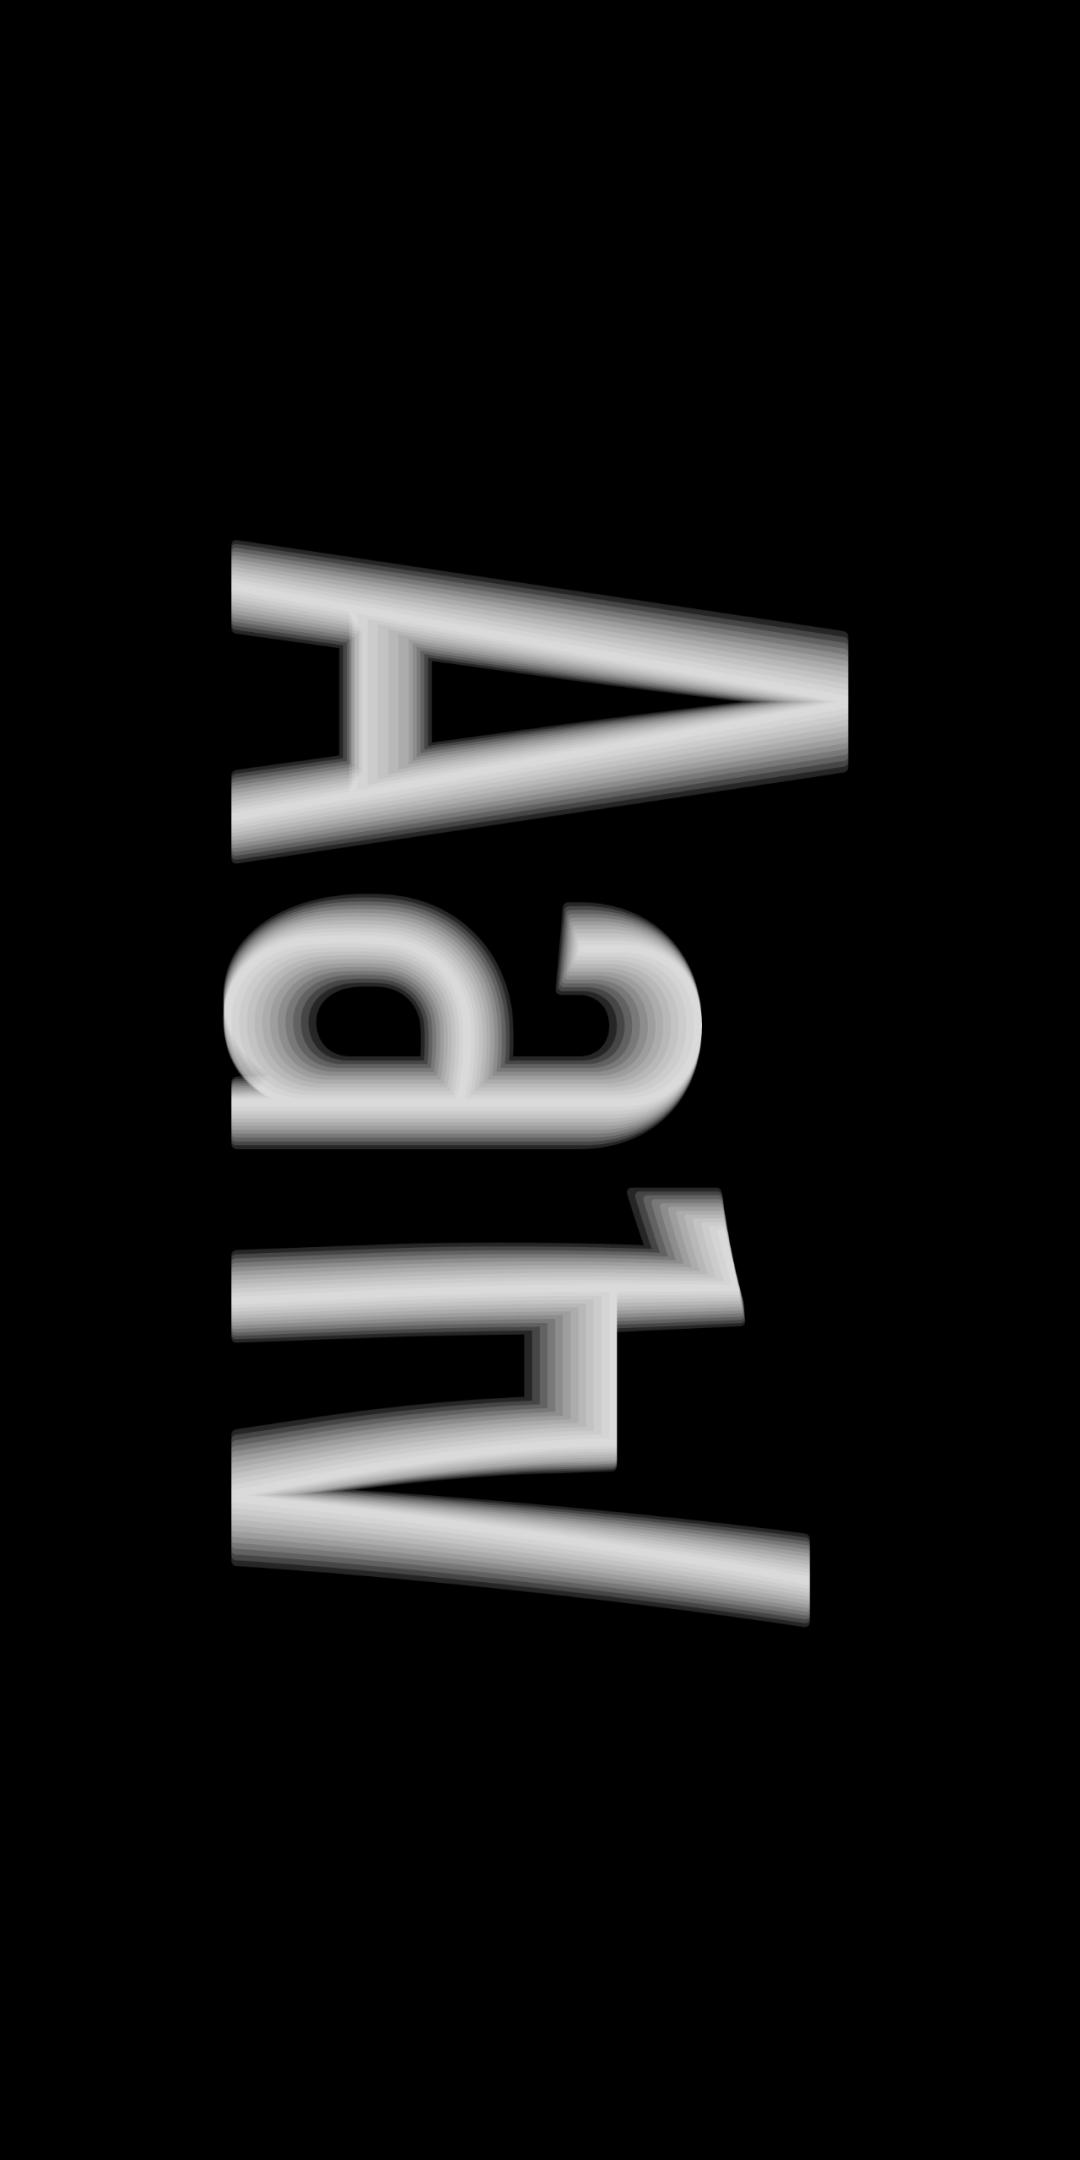 几何风格蒙古字体 Ailognom™ 第1张 几何风格蒙古字体 Ailognom™ 蒙古设计